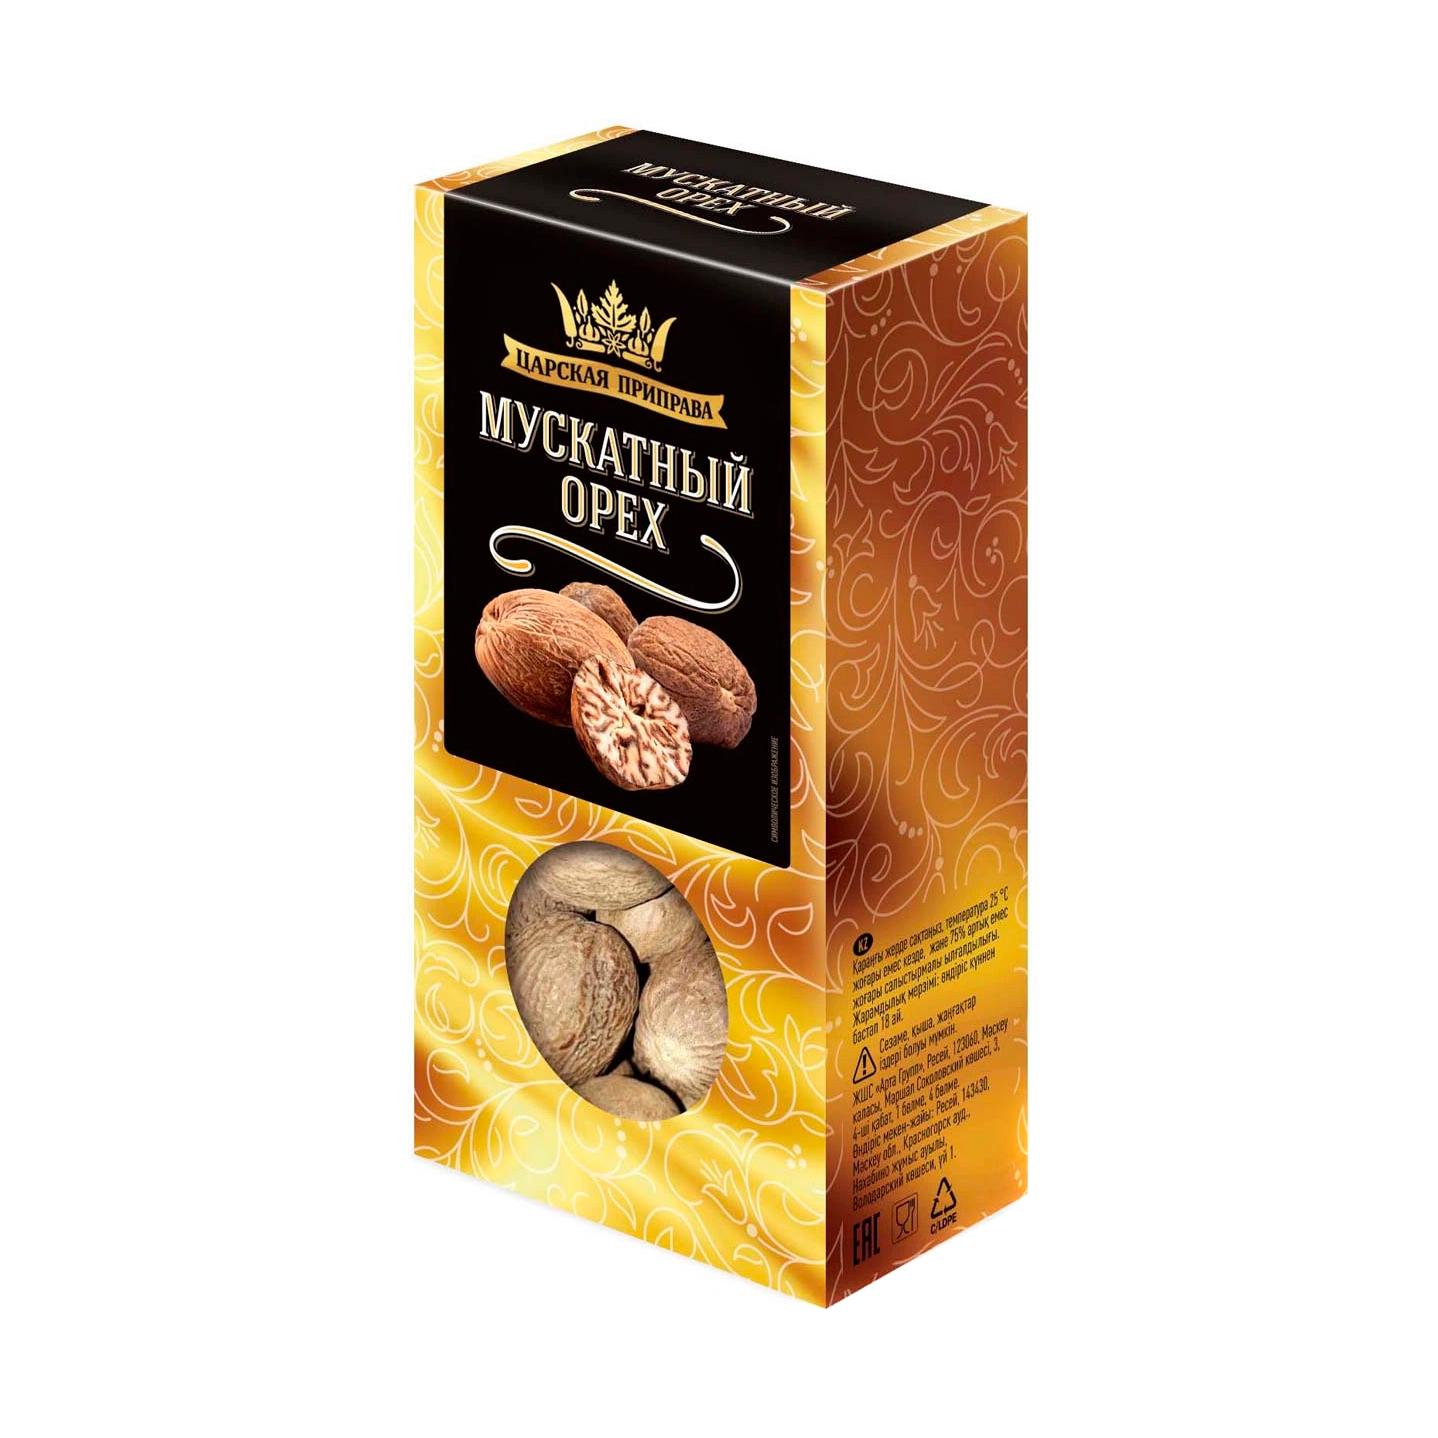 Мускатный орех Царская приправа целый 30 г царская приправа паприка красная хлопья 300 г